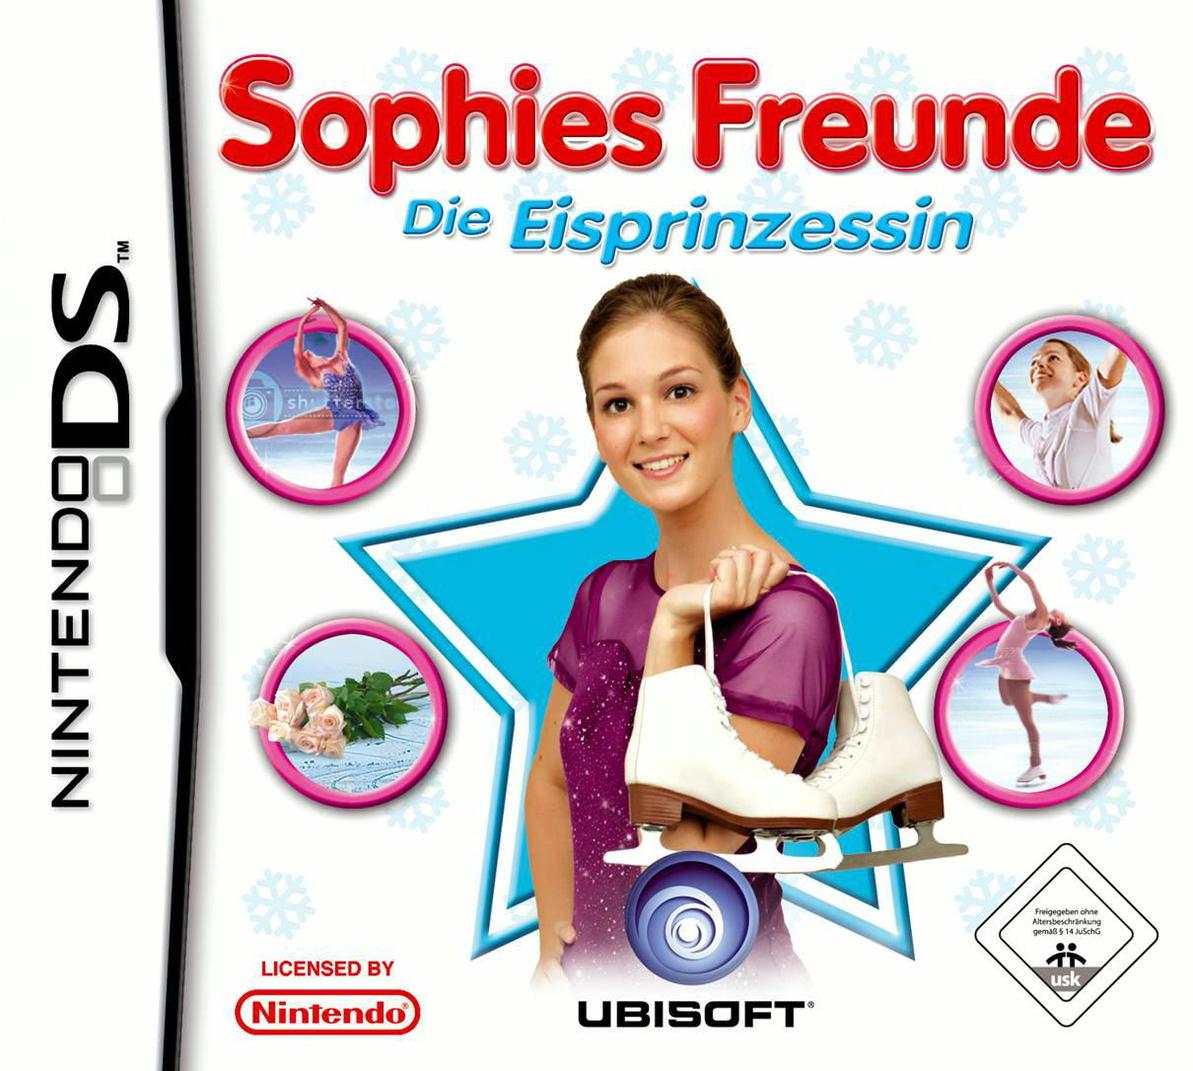 Sophies Freunde: Eisprinzessin